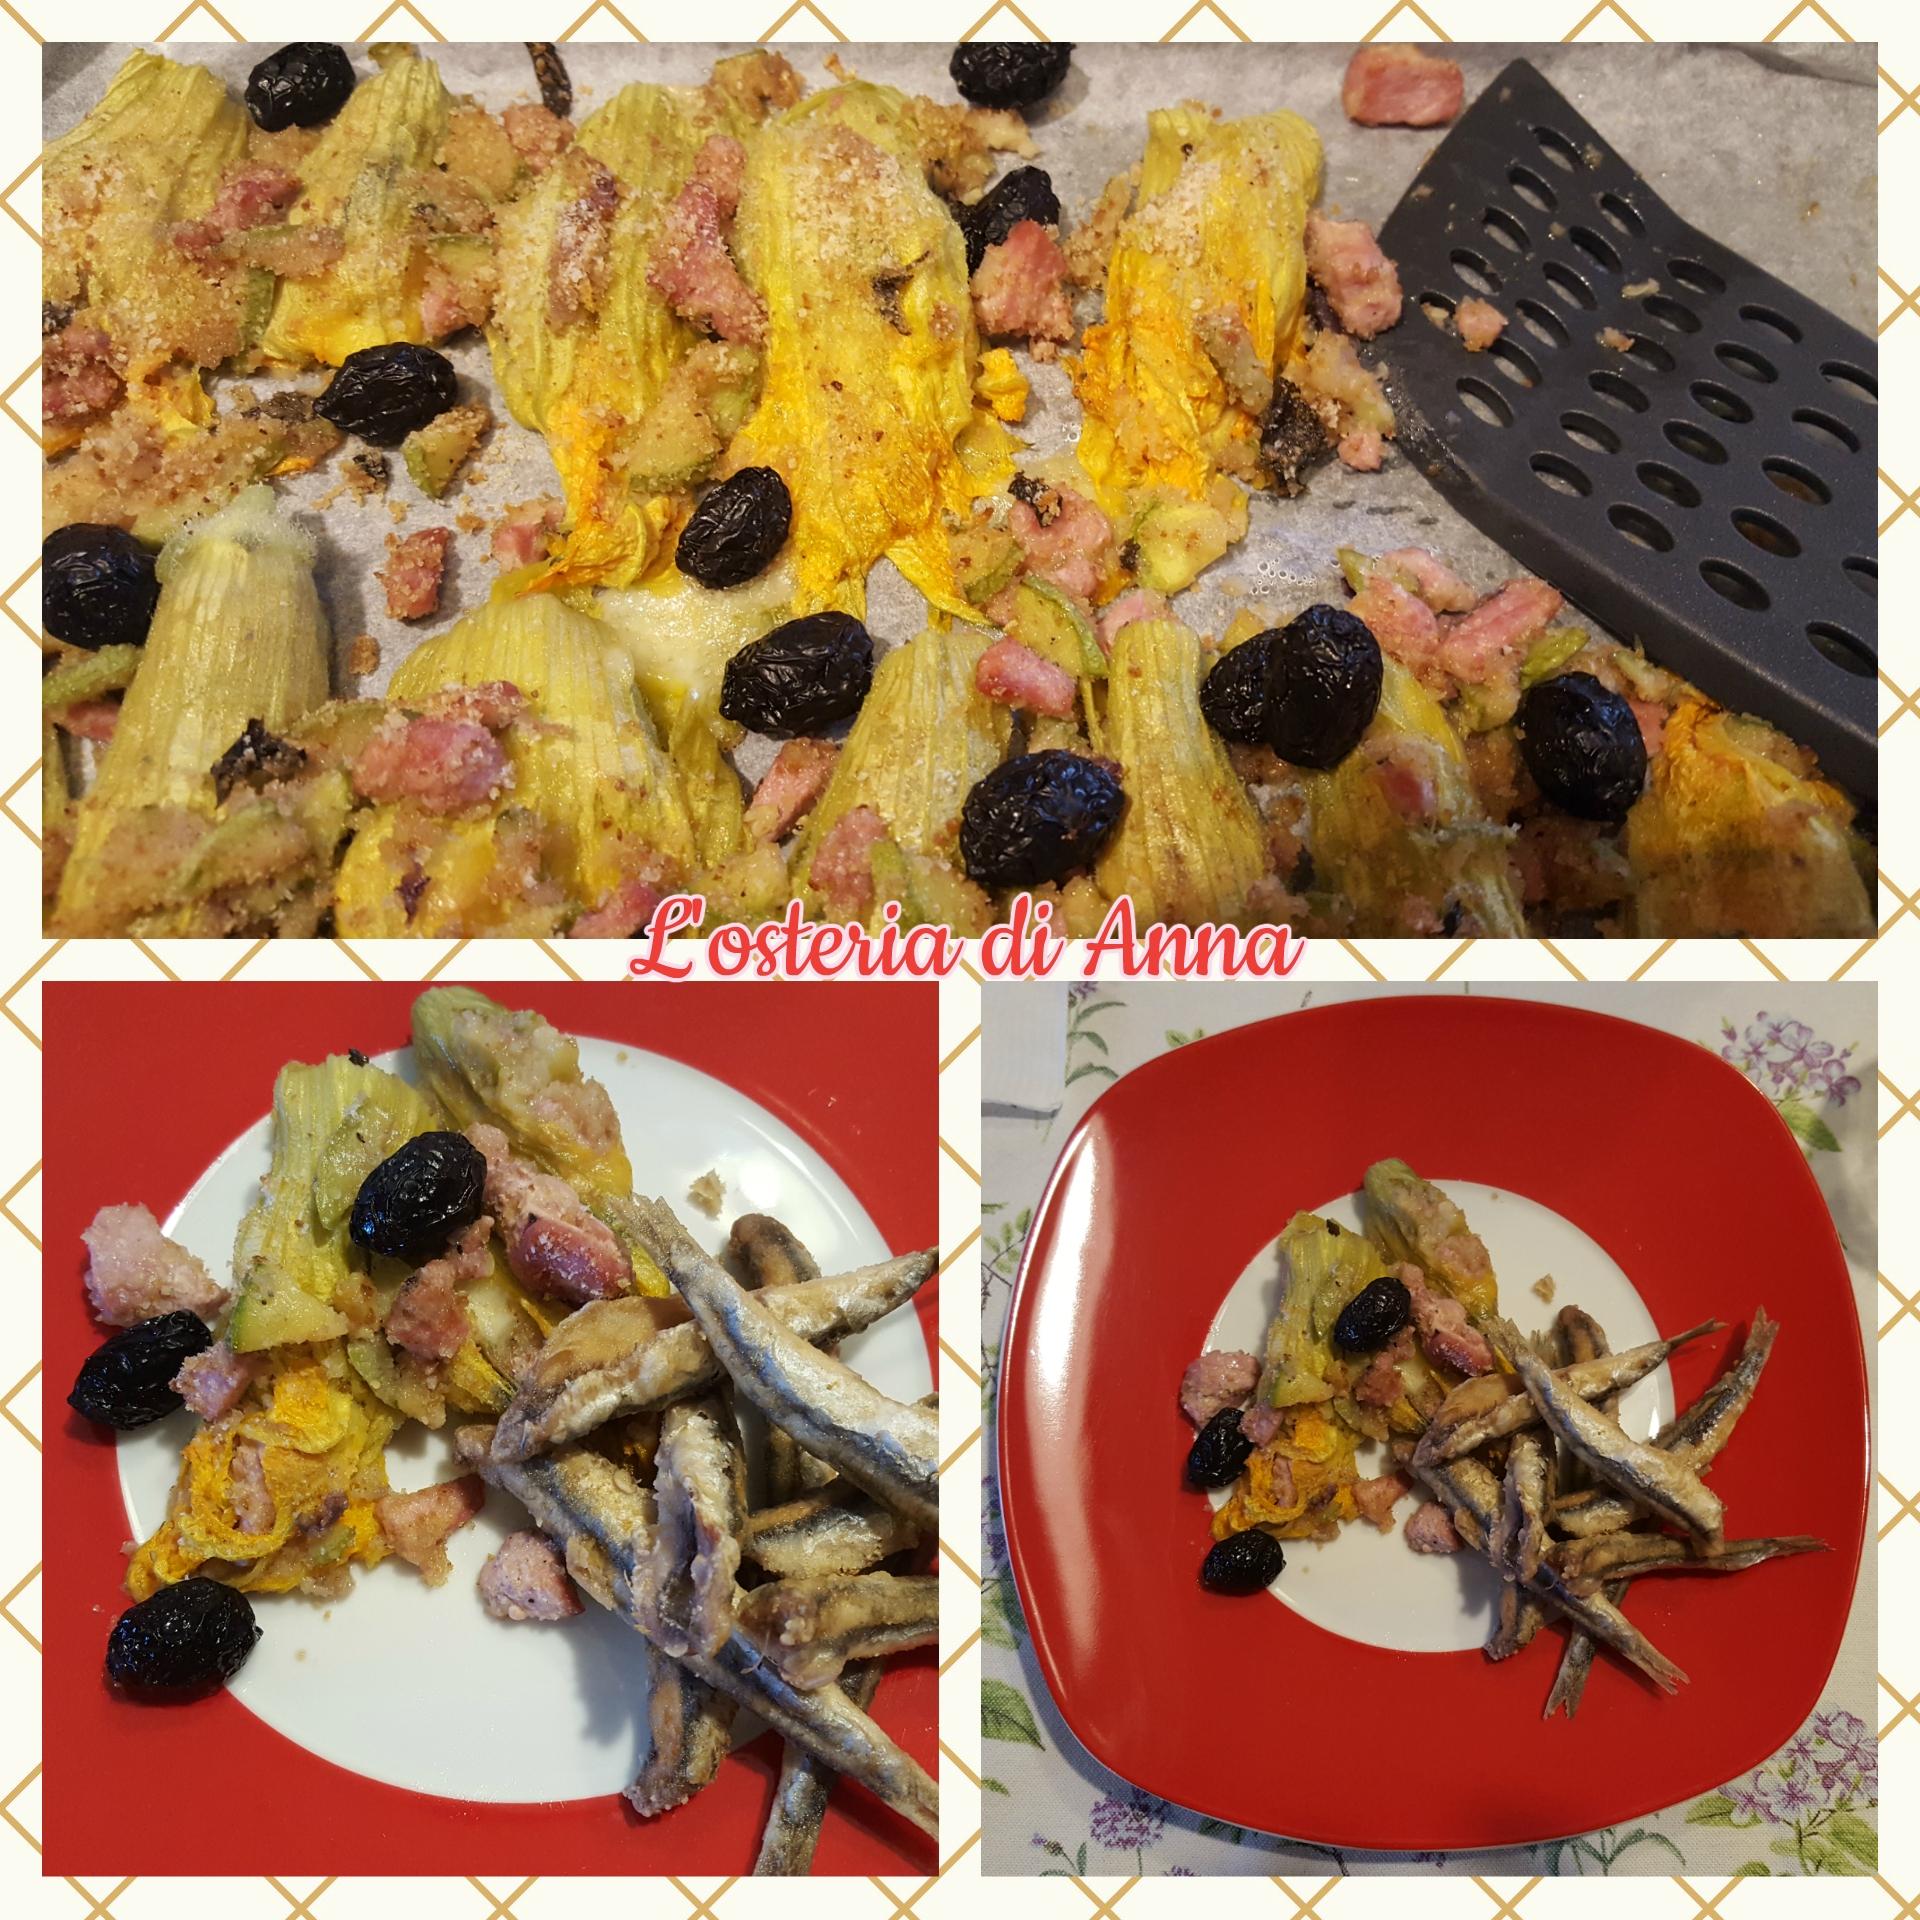 Fiori di zucca ripieni come contorno alle alici fritte